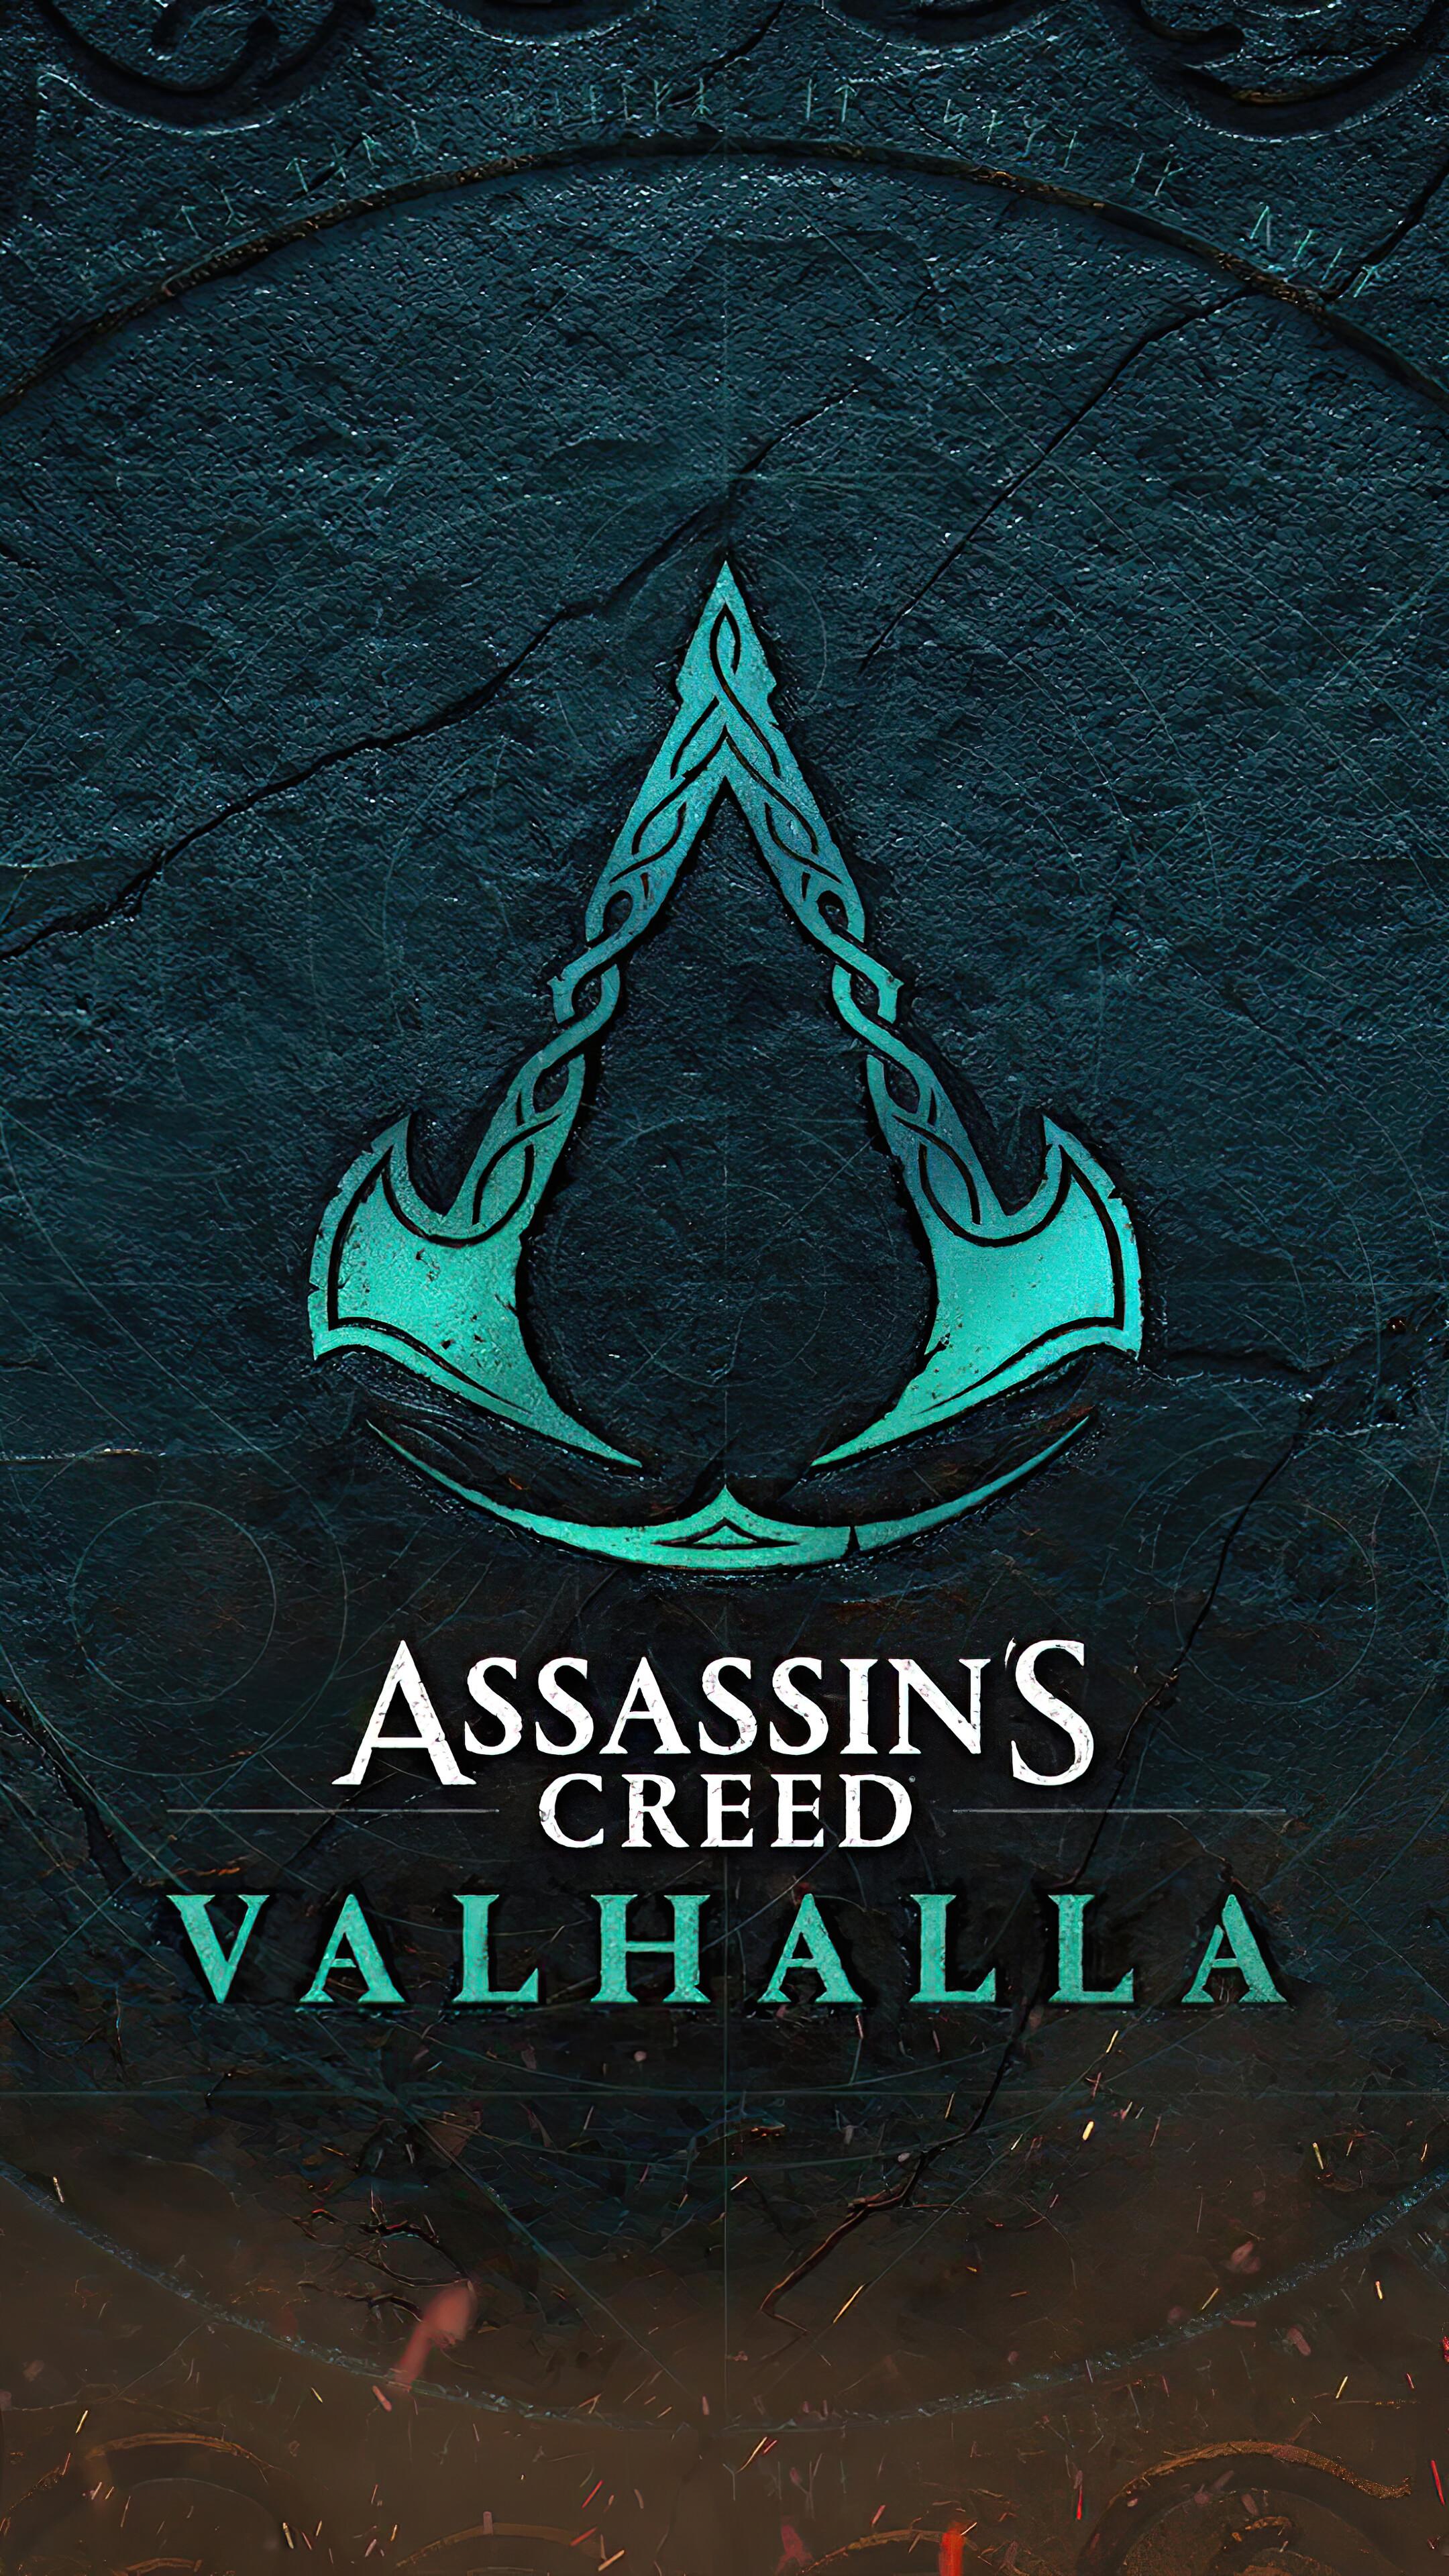 Assassins Creed Valhalla Logo 4K Wallpaper 71963 2160x3840